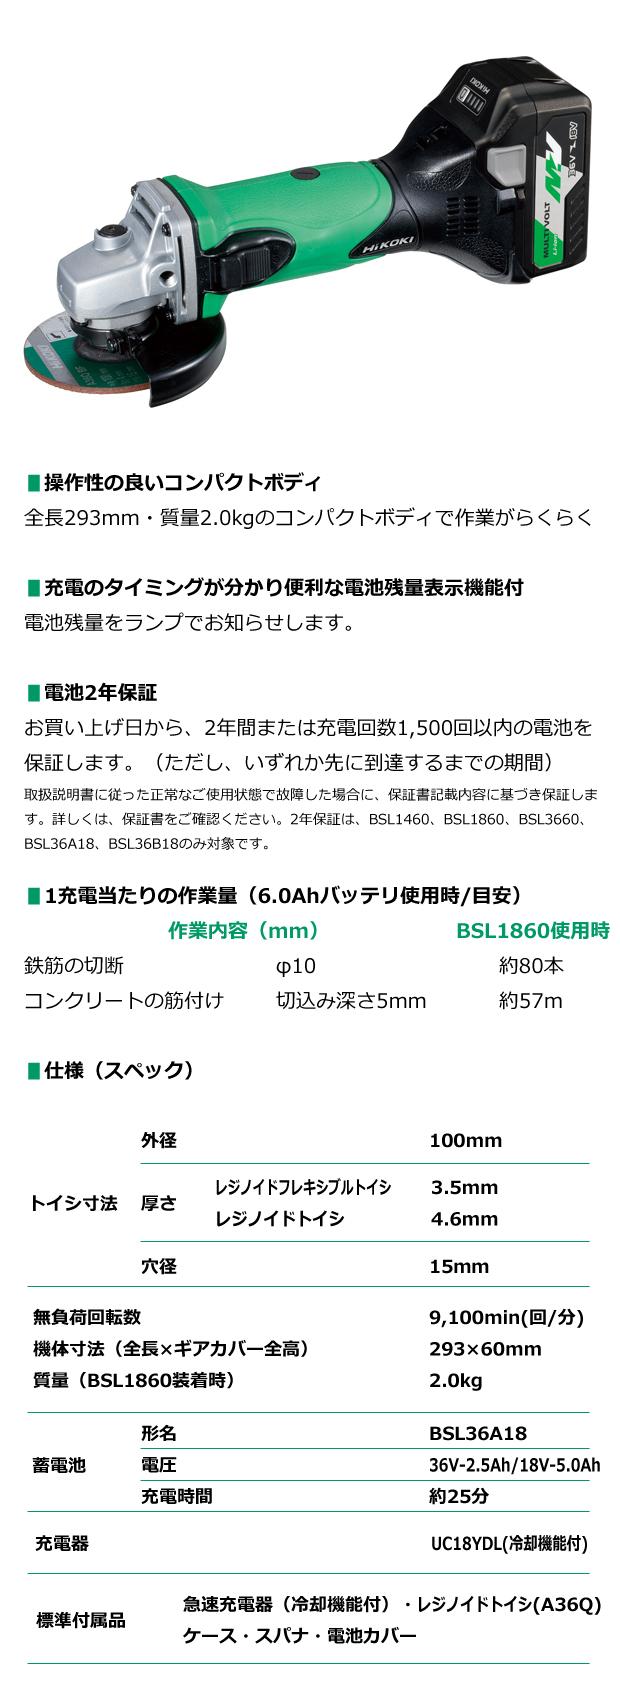 HiKOKI 18V コードレスディスクグラインダ G18DSL(LXPK)